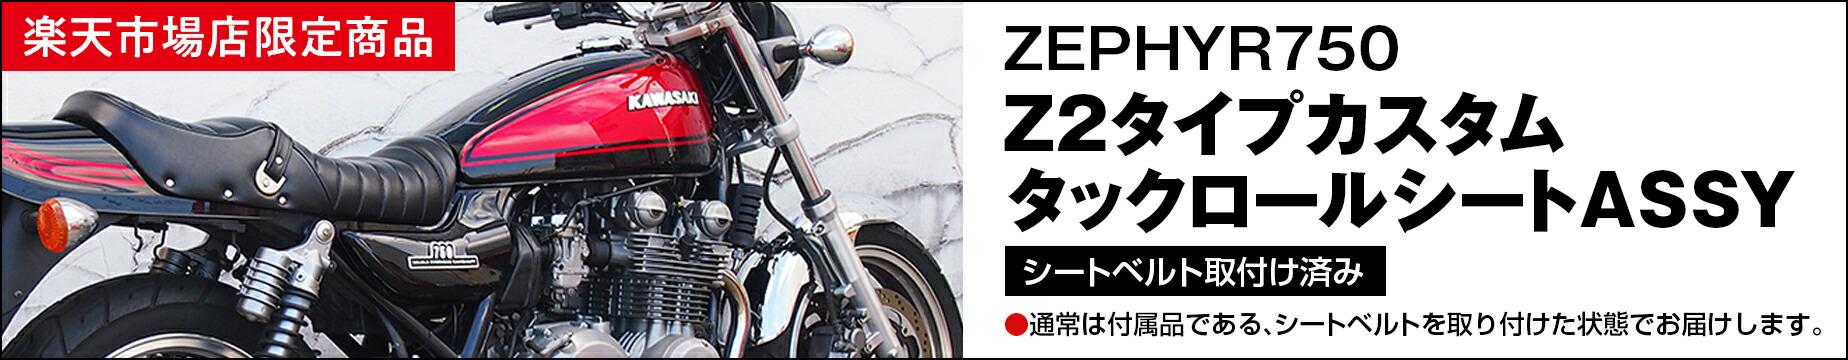 ゼファー750用 Z2タイプカスタムタックロールシート シートベルト取付済みセット